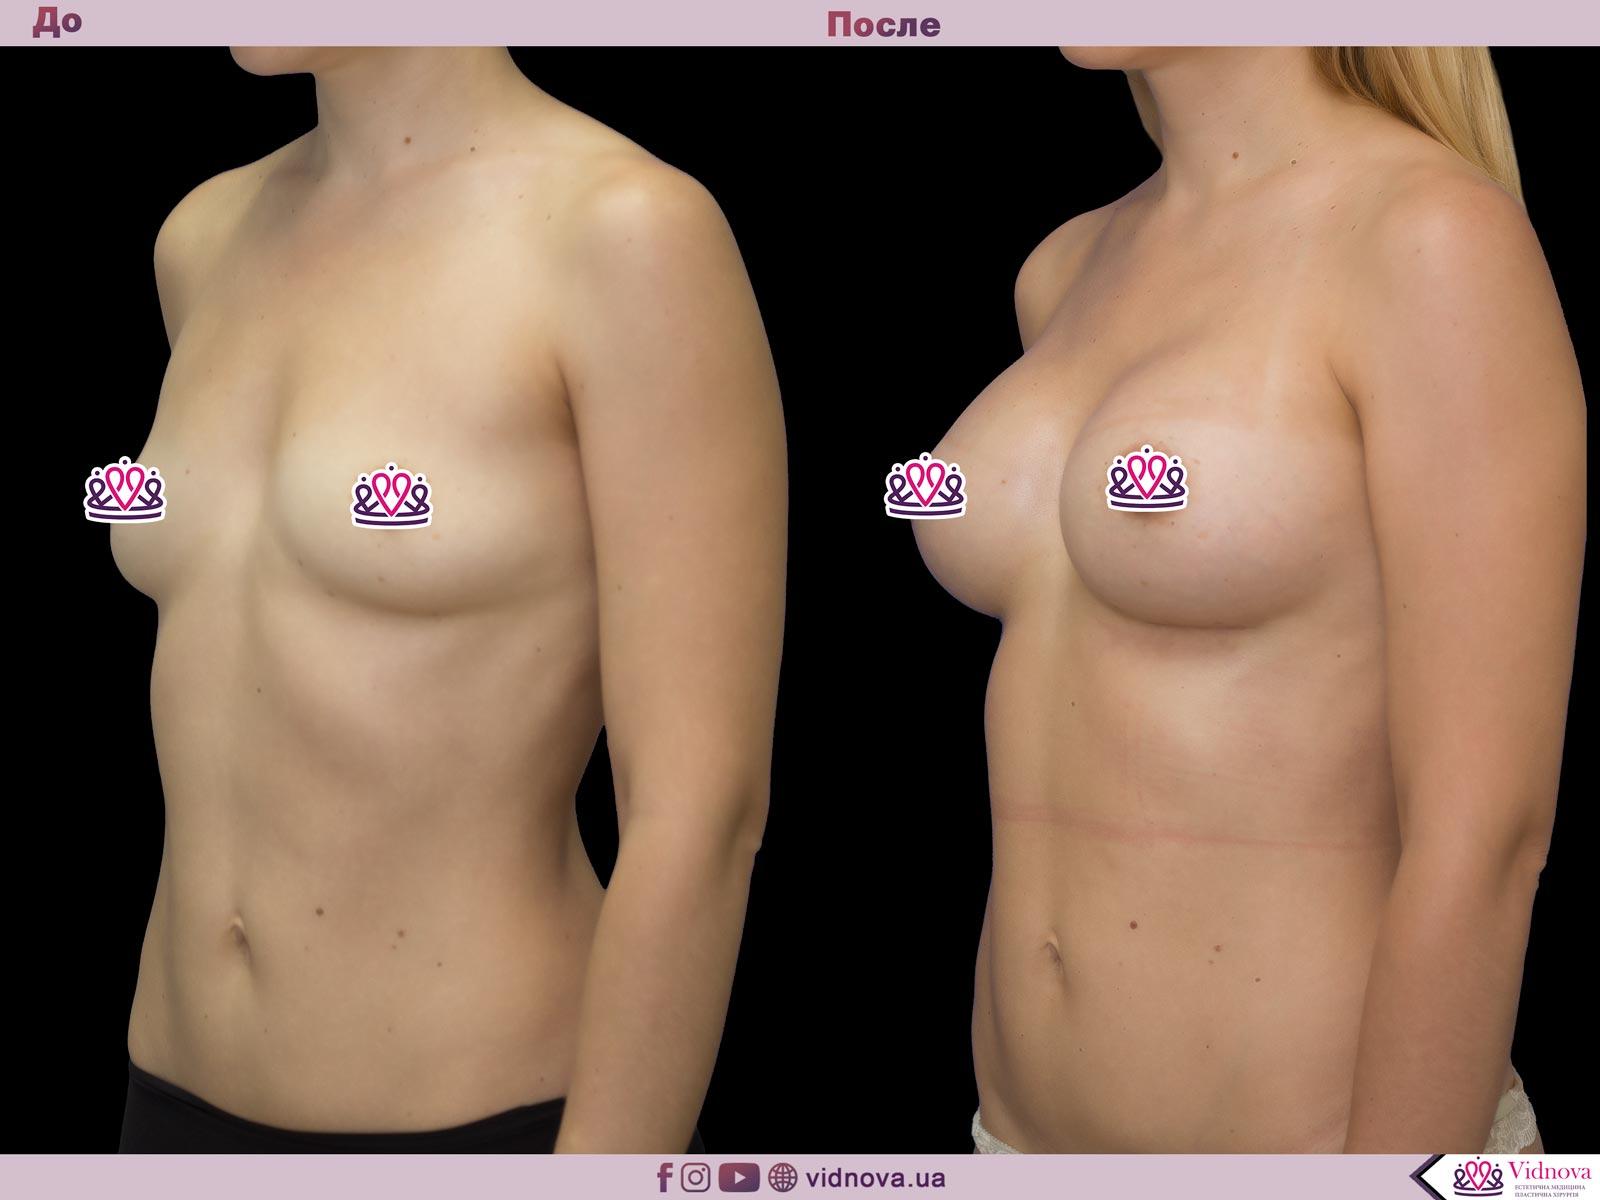 Пластика груди: результаты до и после - Пример №47-1 - Светлана Работенко